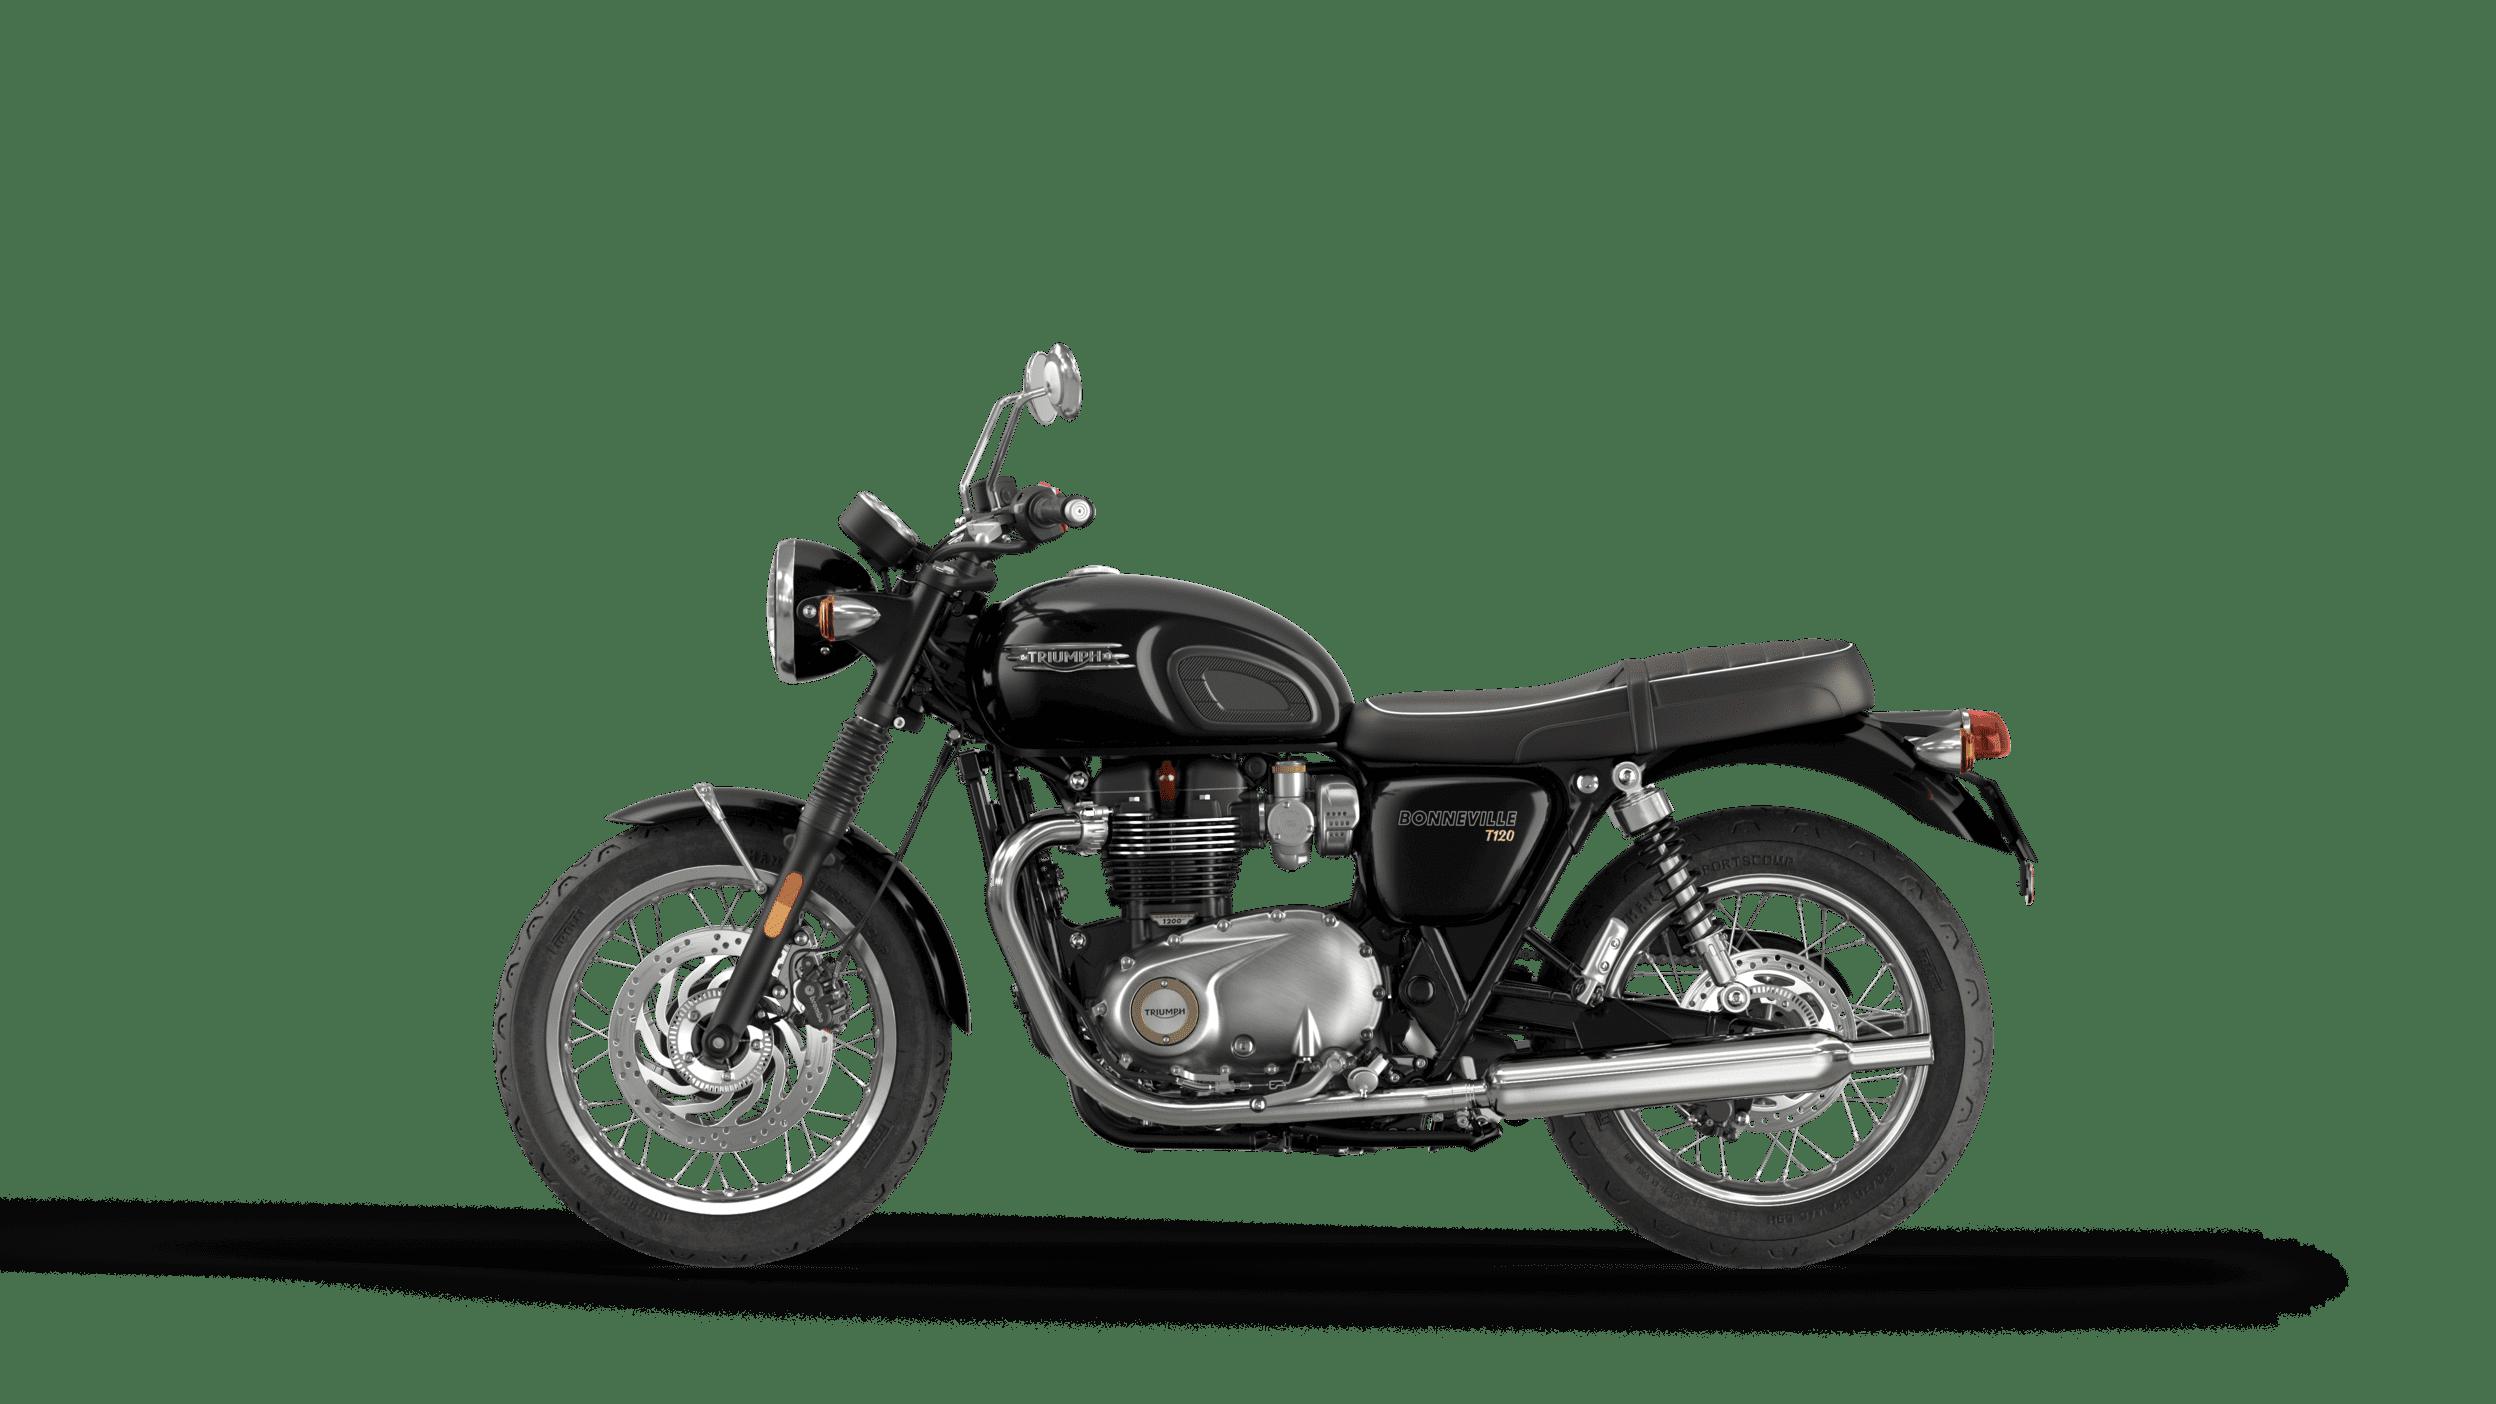 triumph bonneville t120 negru LHS 2